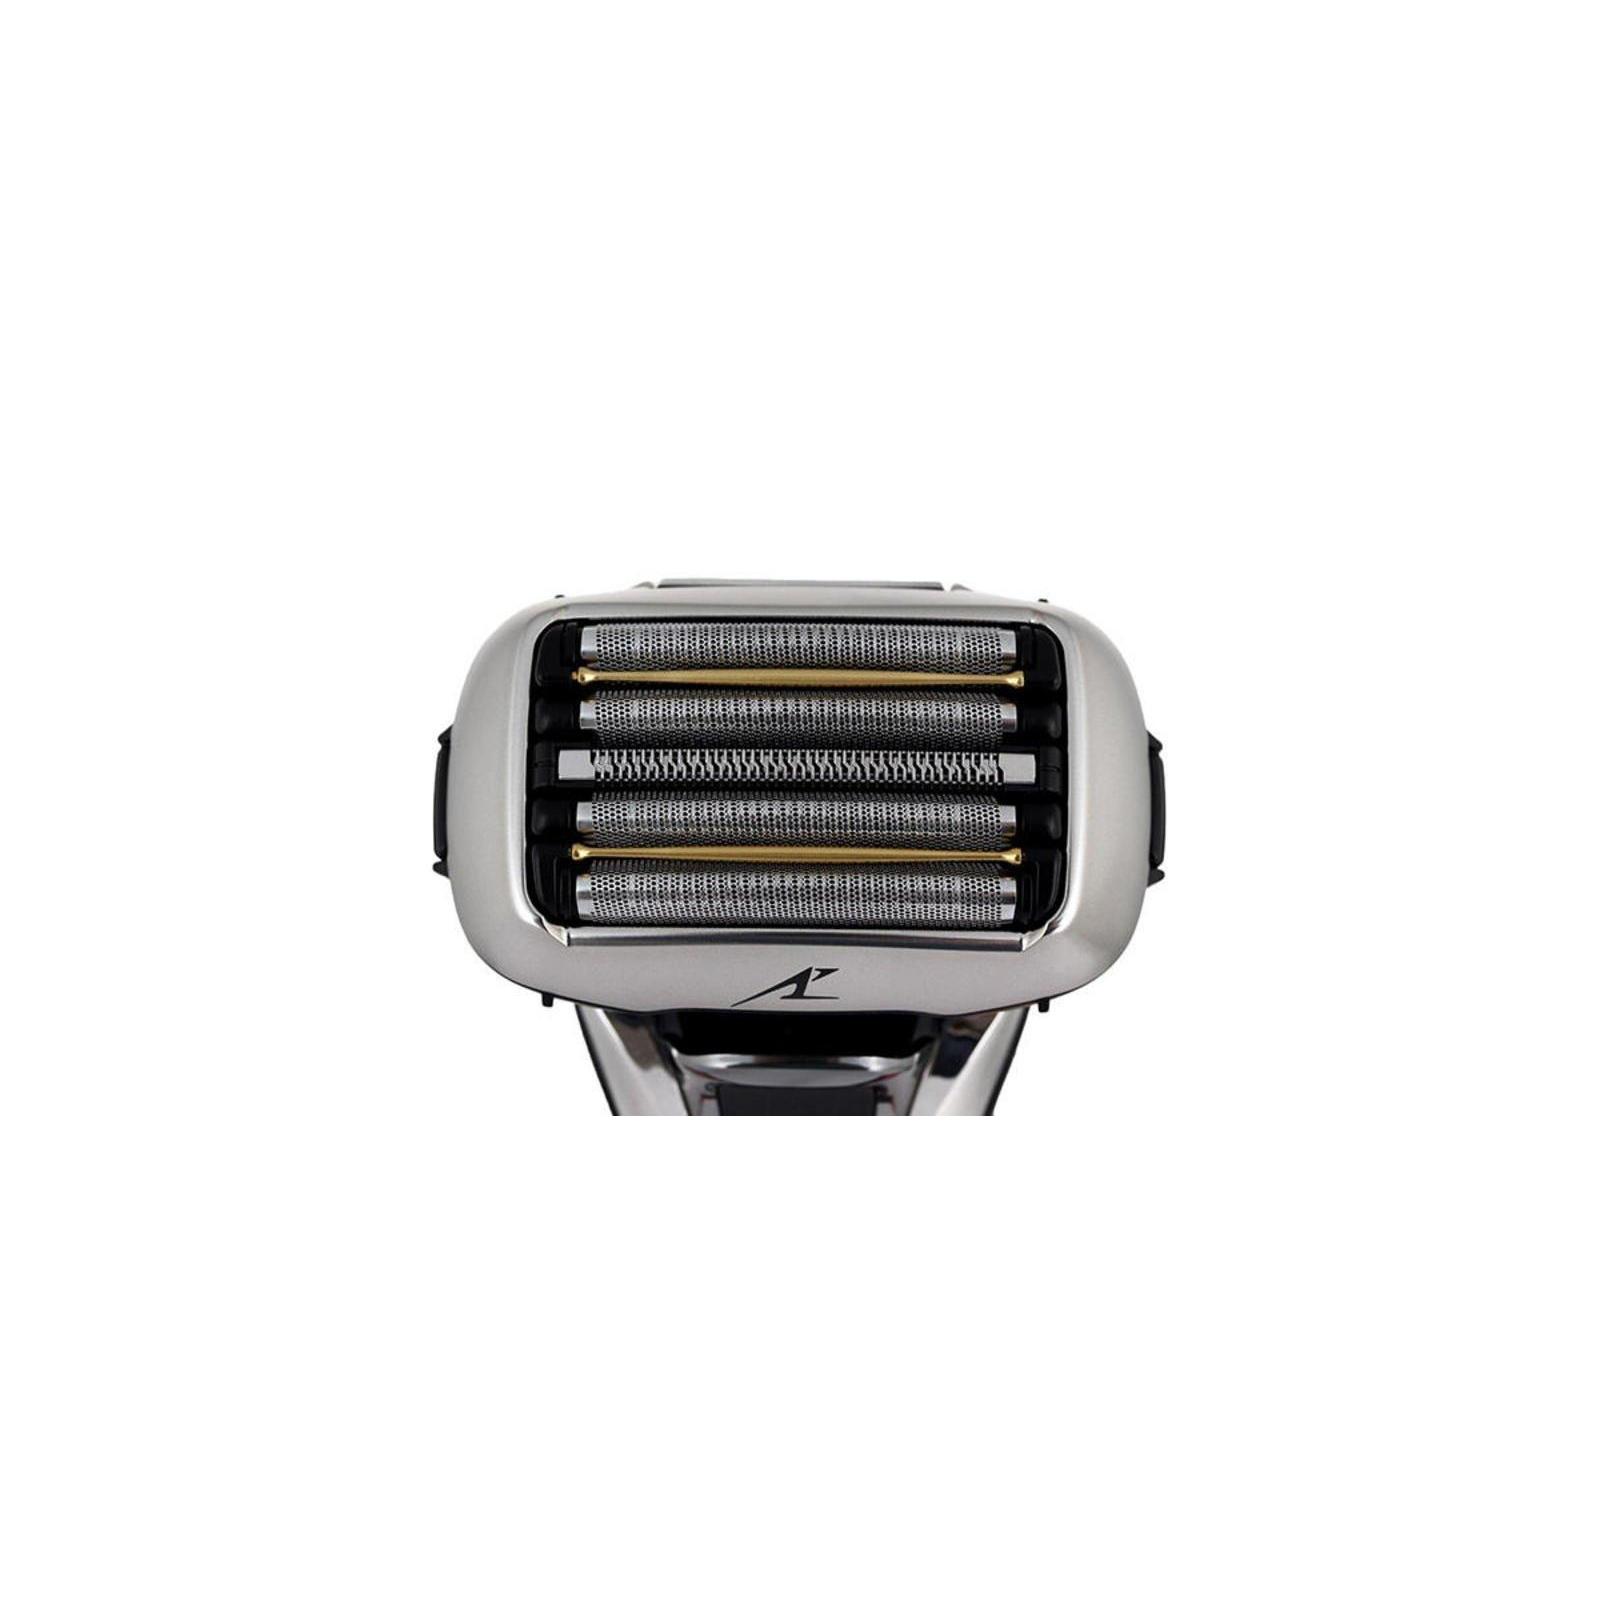 Электробритва PANASONIC ES-LV9Q-S820 изображение 2